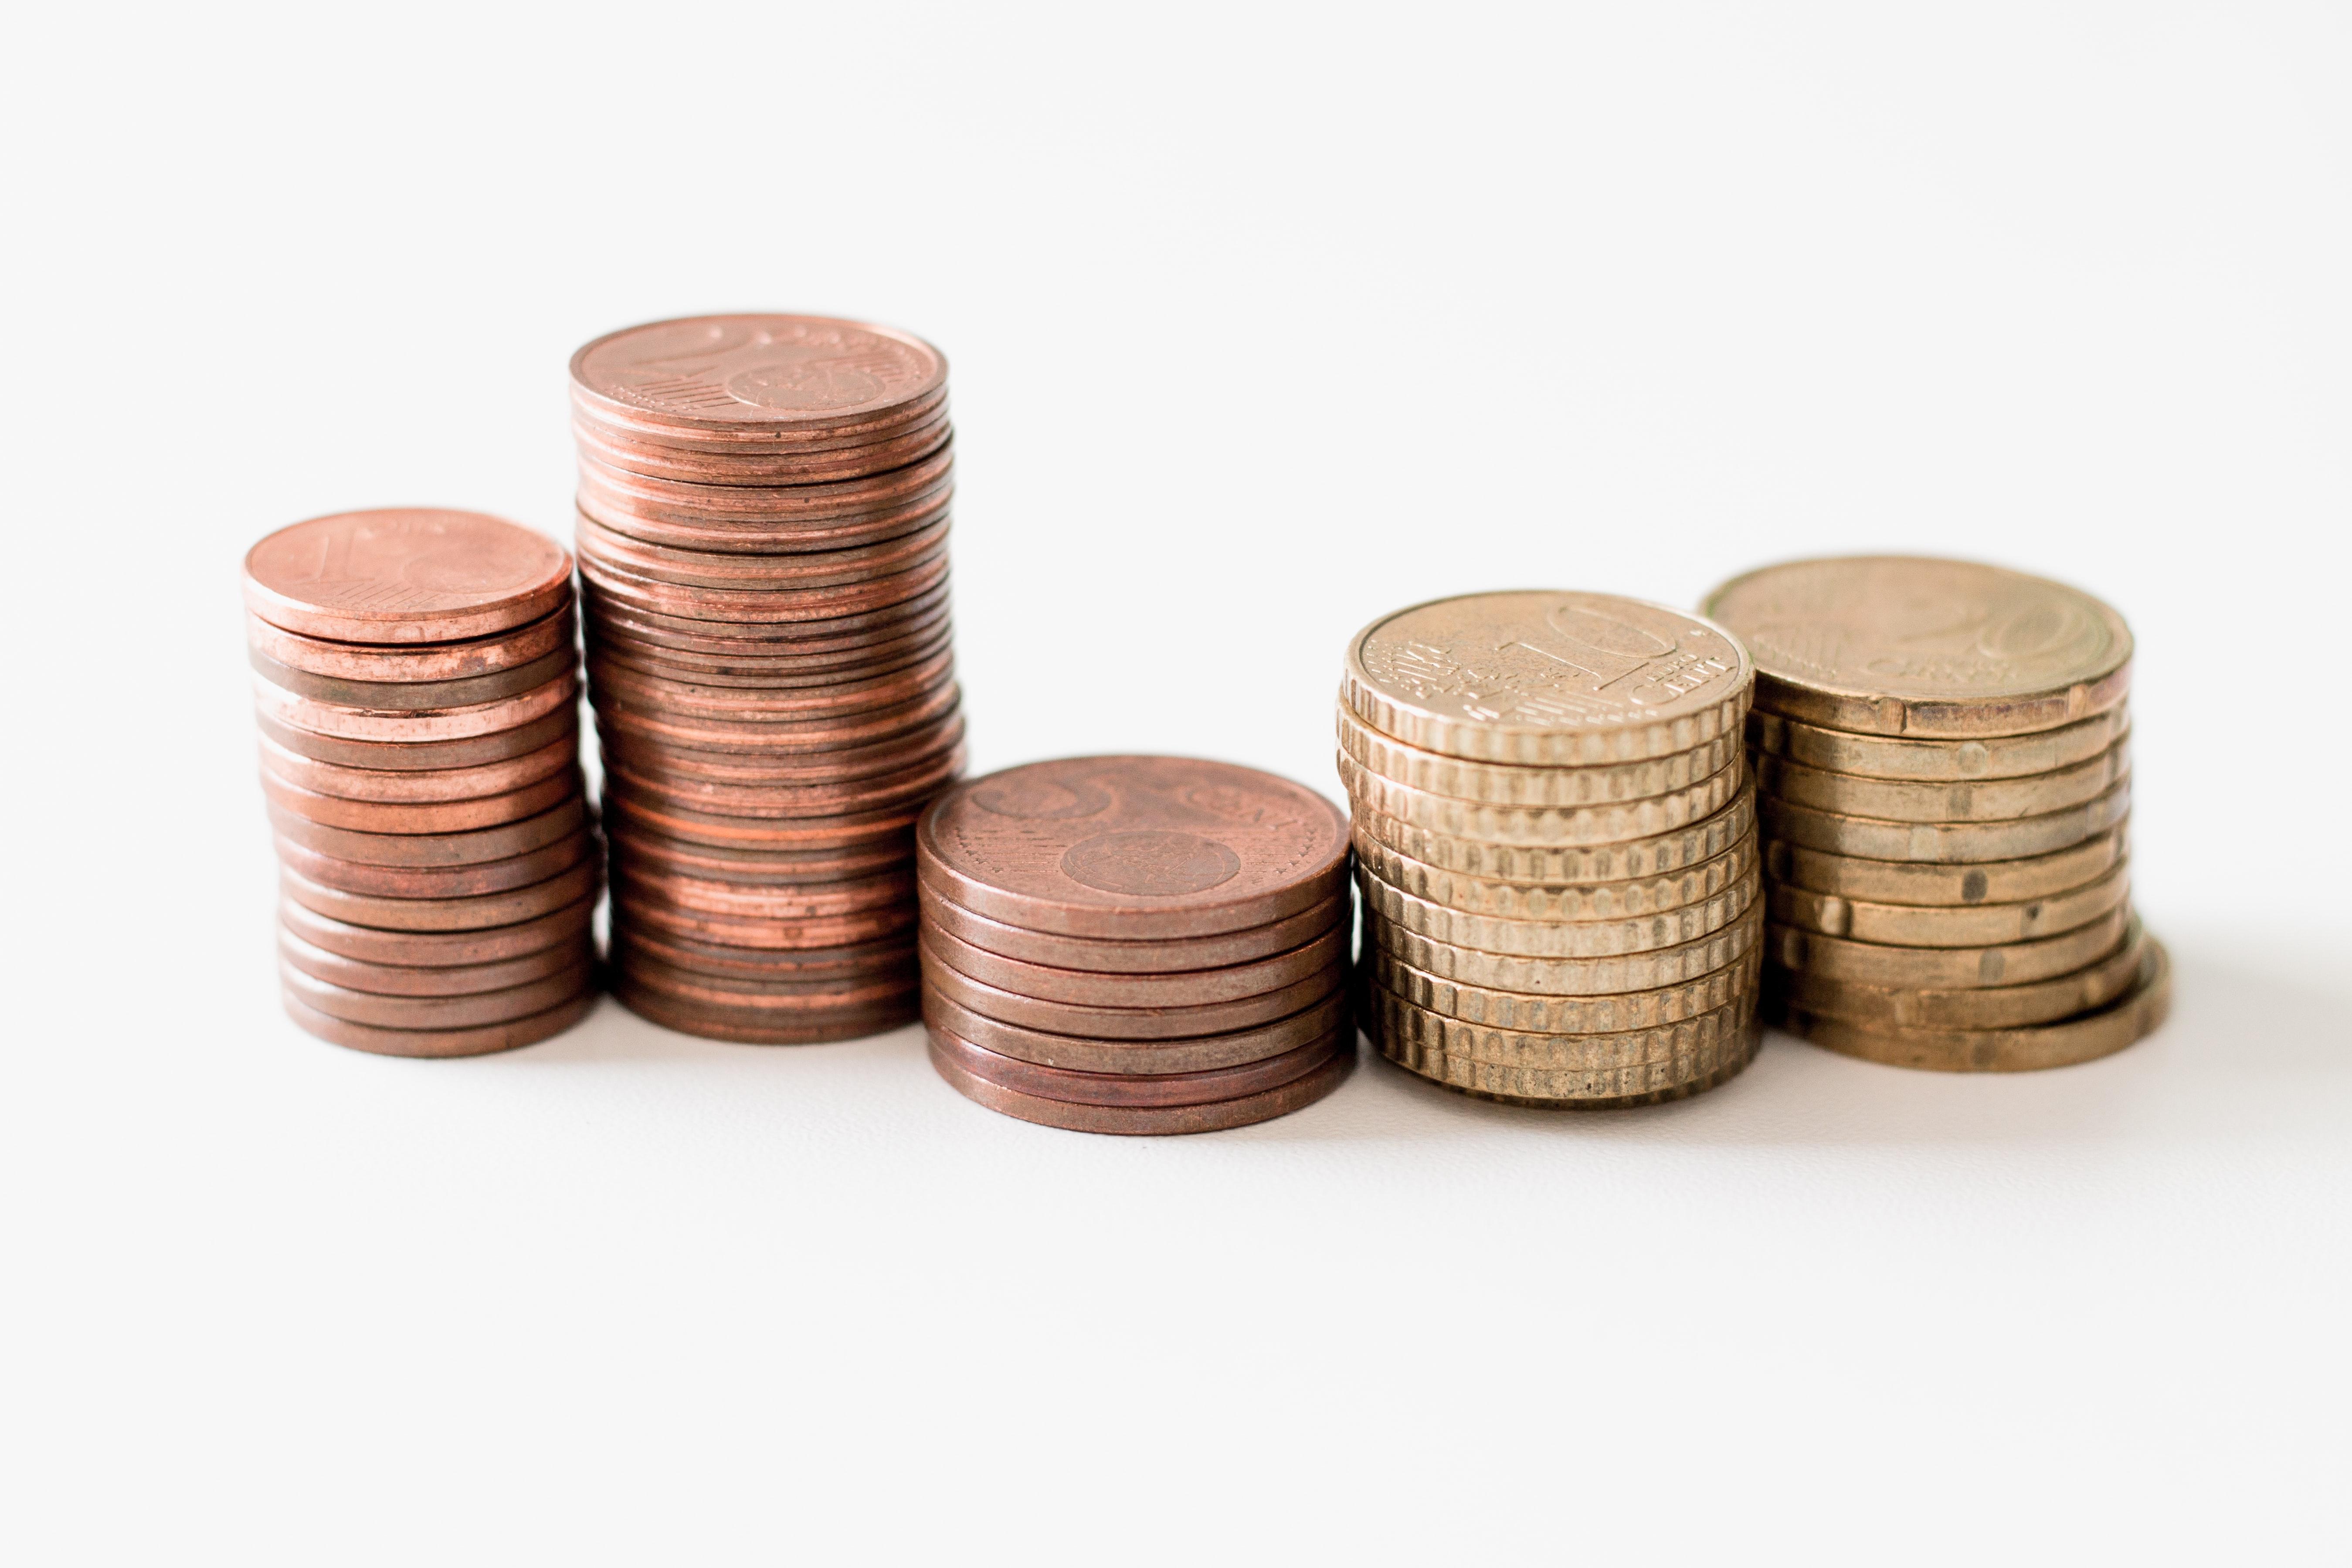 Картинка значение выражения Деньги не пахнут